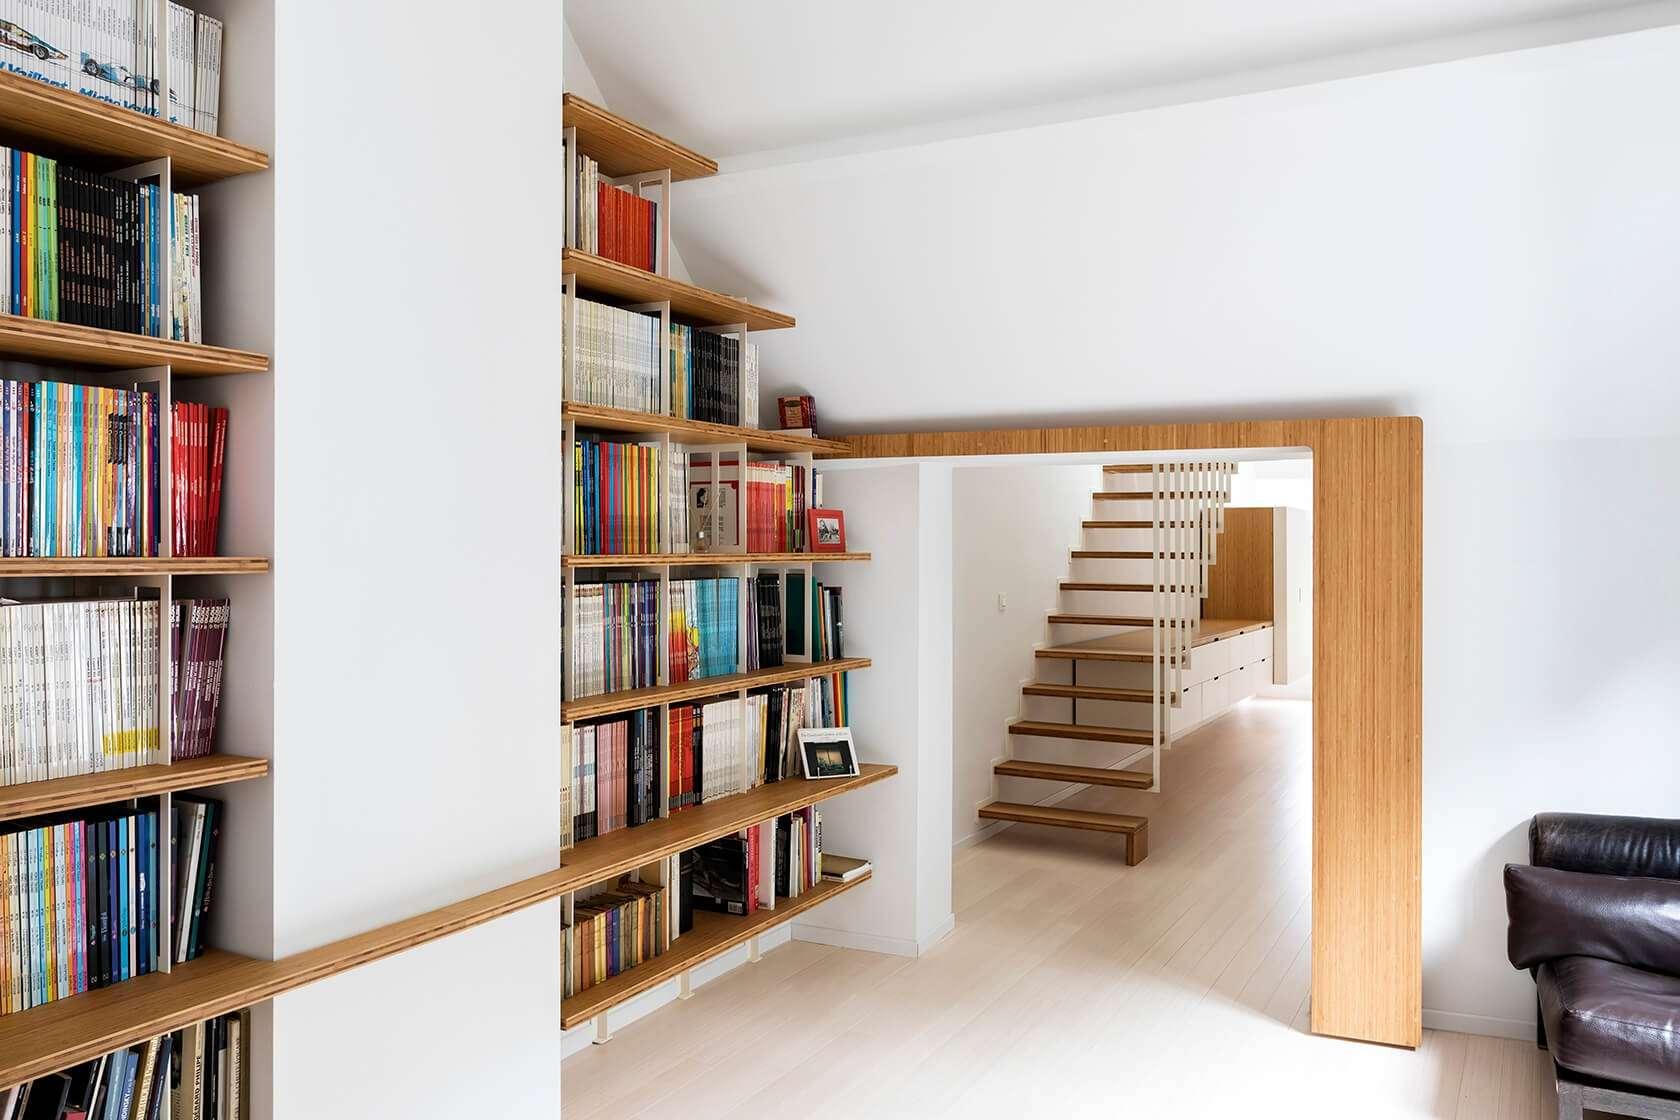 Bibliothèque Curve Wood & Steel, habillage porte, escalier UP et dressing Pô sur-mesure